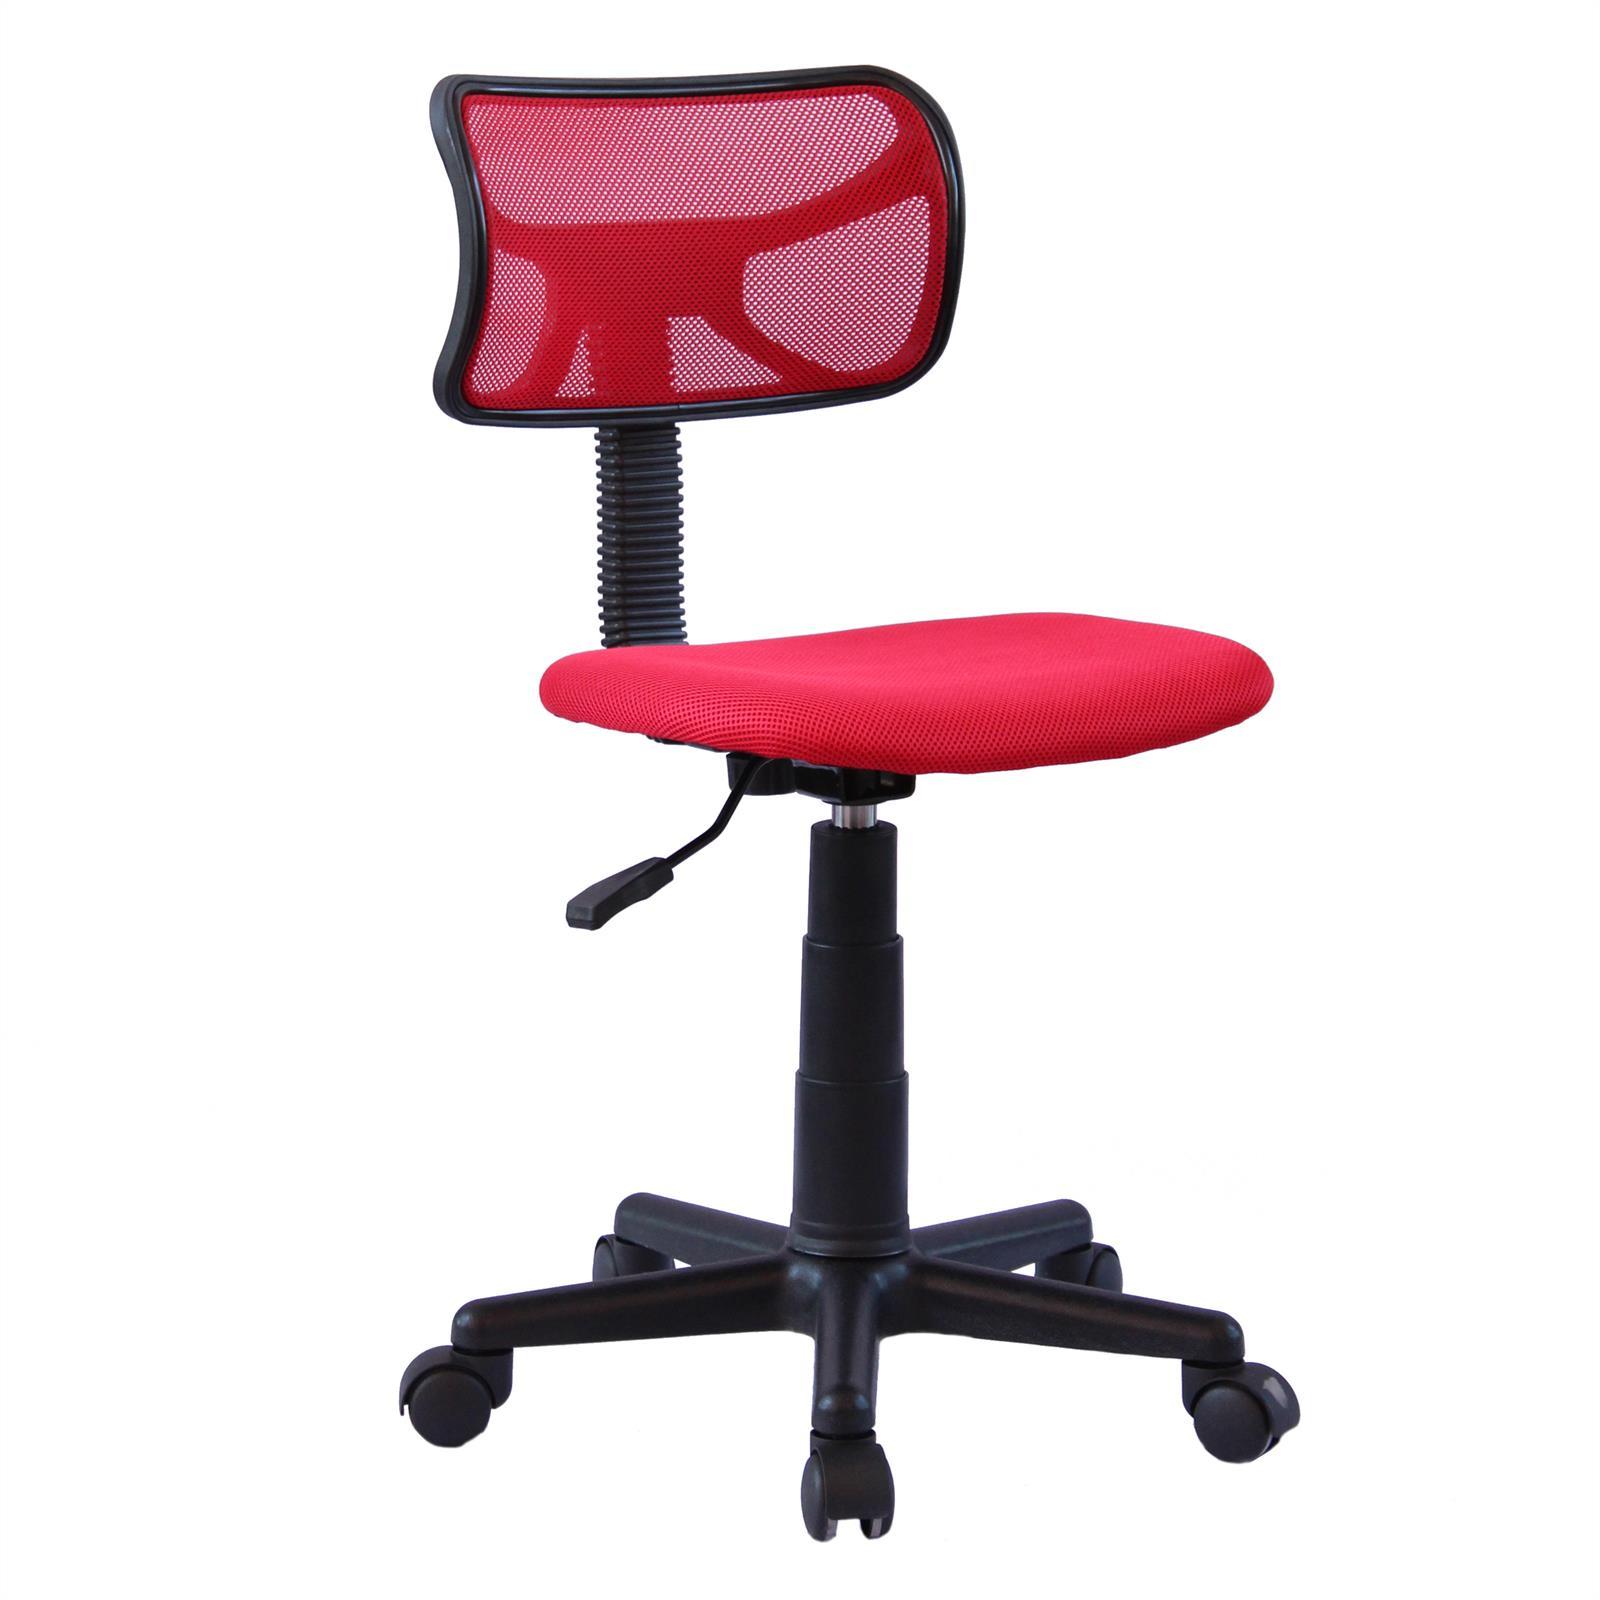 Chaise de bureau pour enfant MILAN, rouge -  Mobil-Meubles